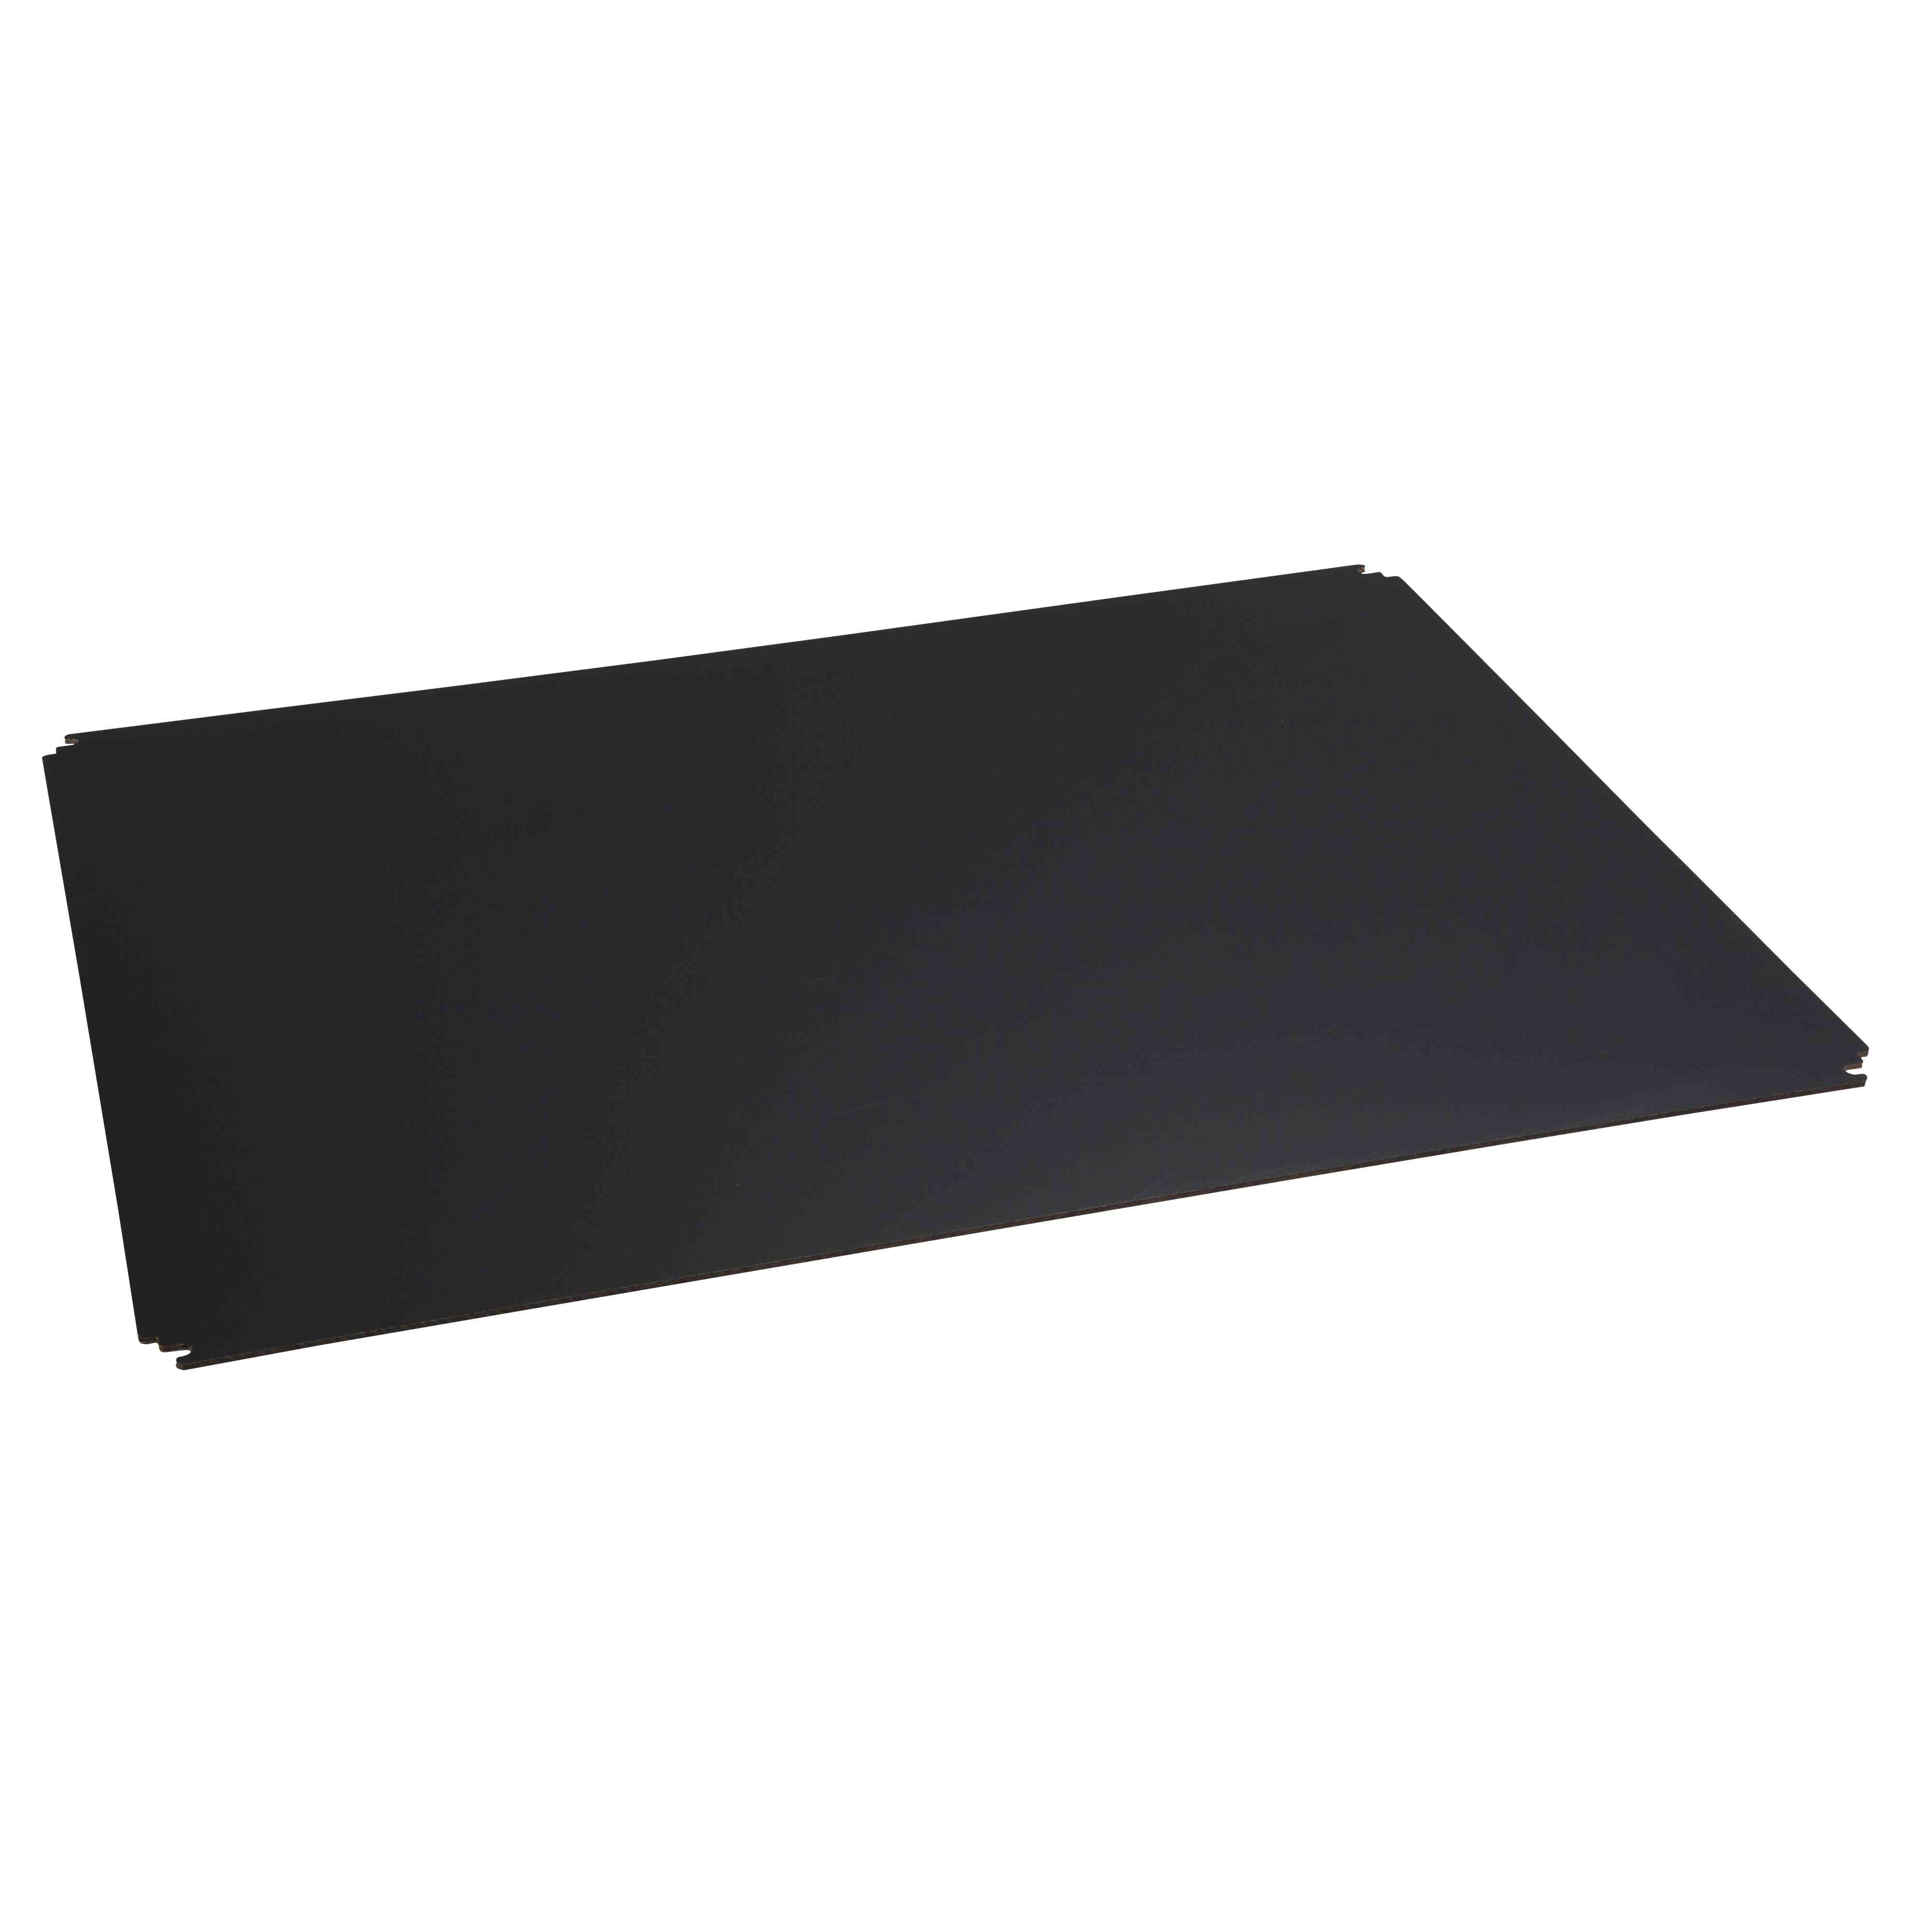 Izolacijska montažna plošča za omaro V 1000 x Š 600 mm iz bakelita